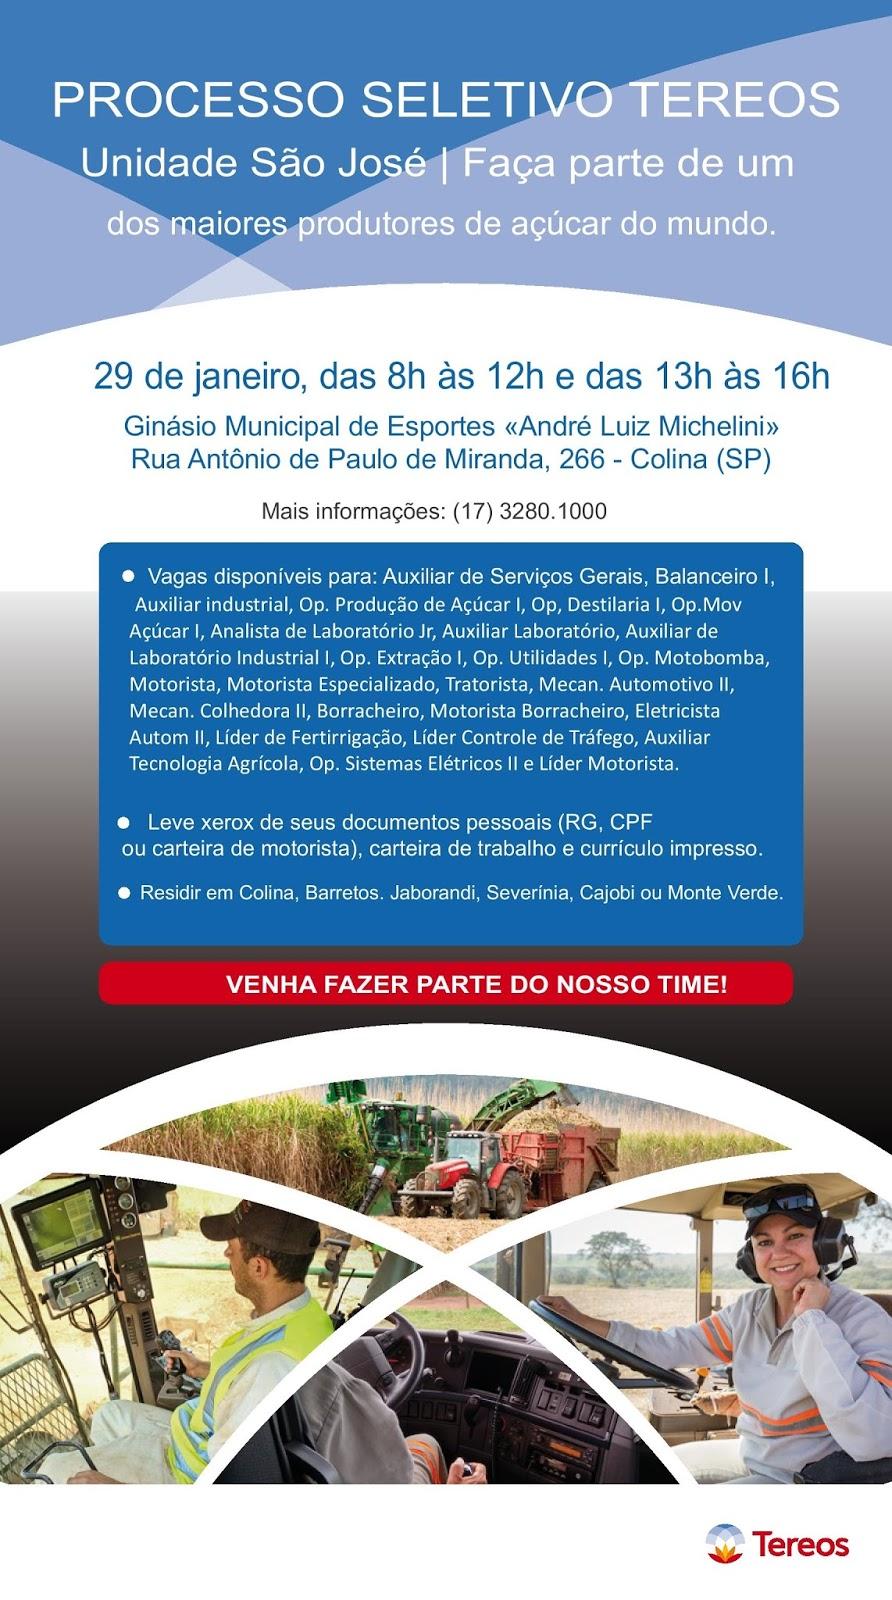 Processo Seletivo TEREOS - Usina São José de Colina-SP - Dia 29/01/2018 no Ginásio /municipal de Esportes André Luiz Michelini das 8h às 12h e das 13h às 16h